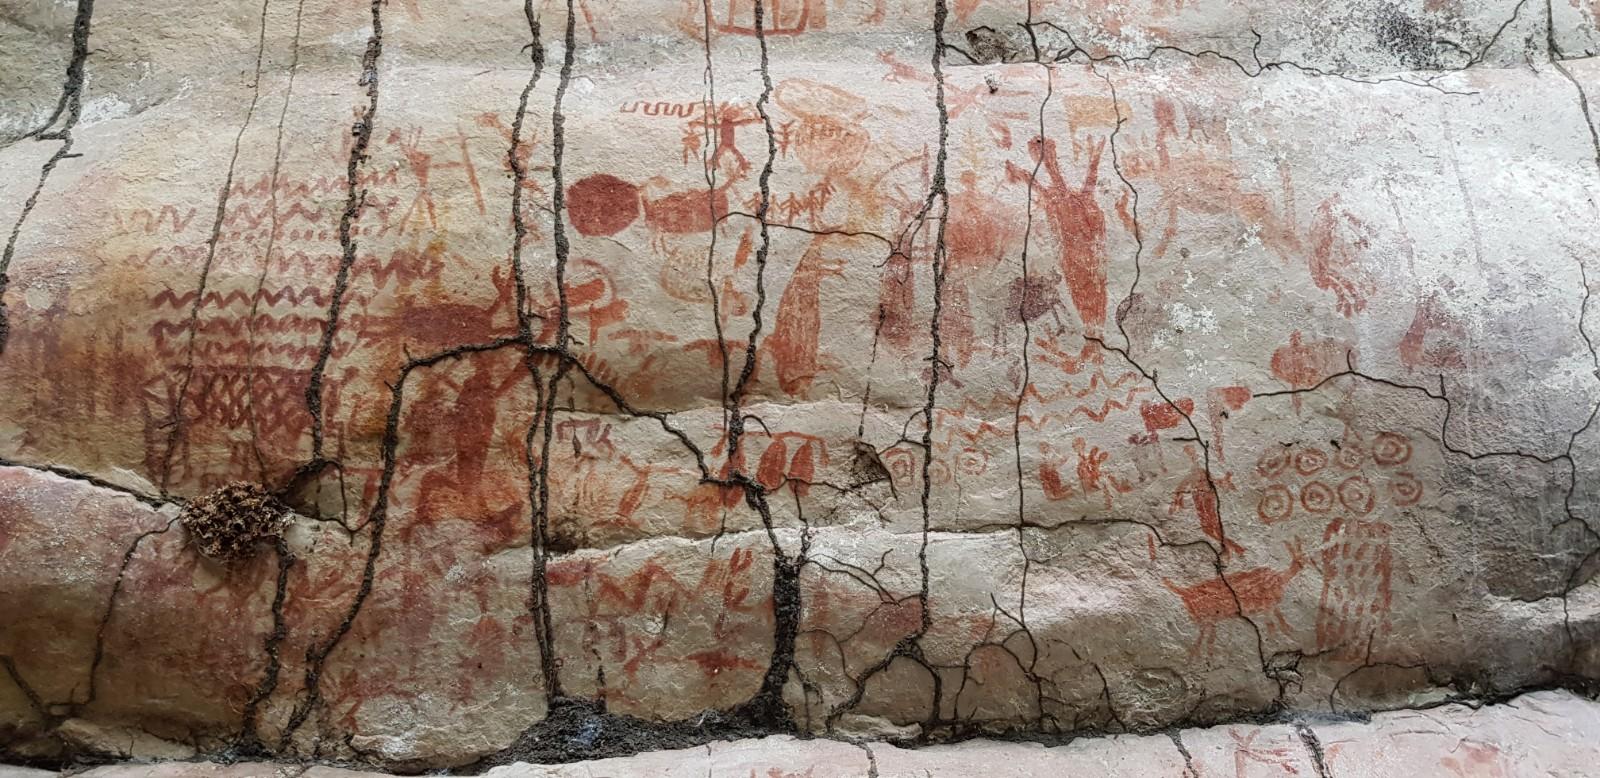 亚马逊雨林发现冰河时期消失文明的巨型岩石壁画